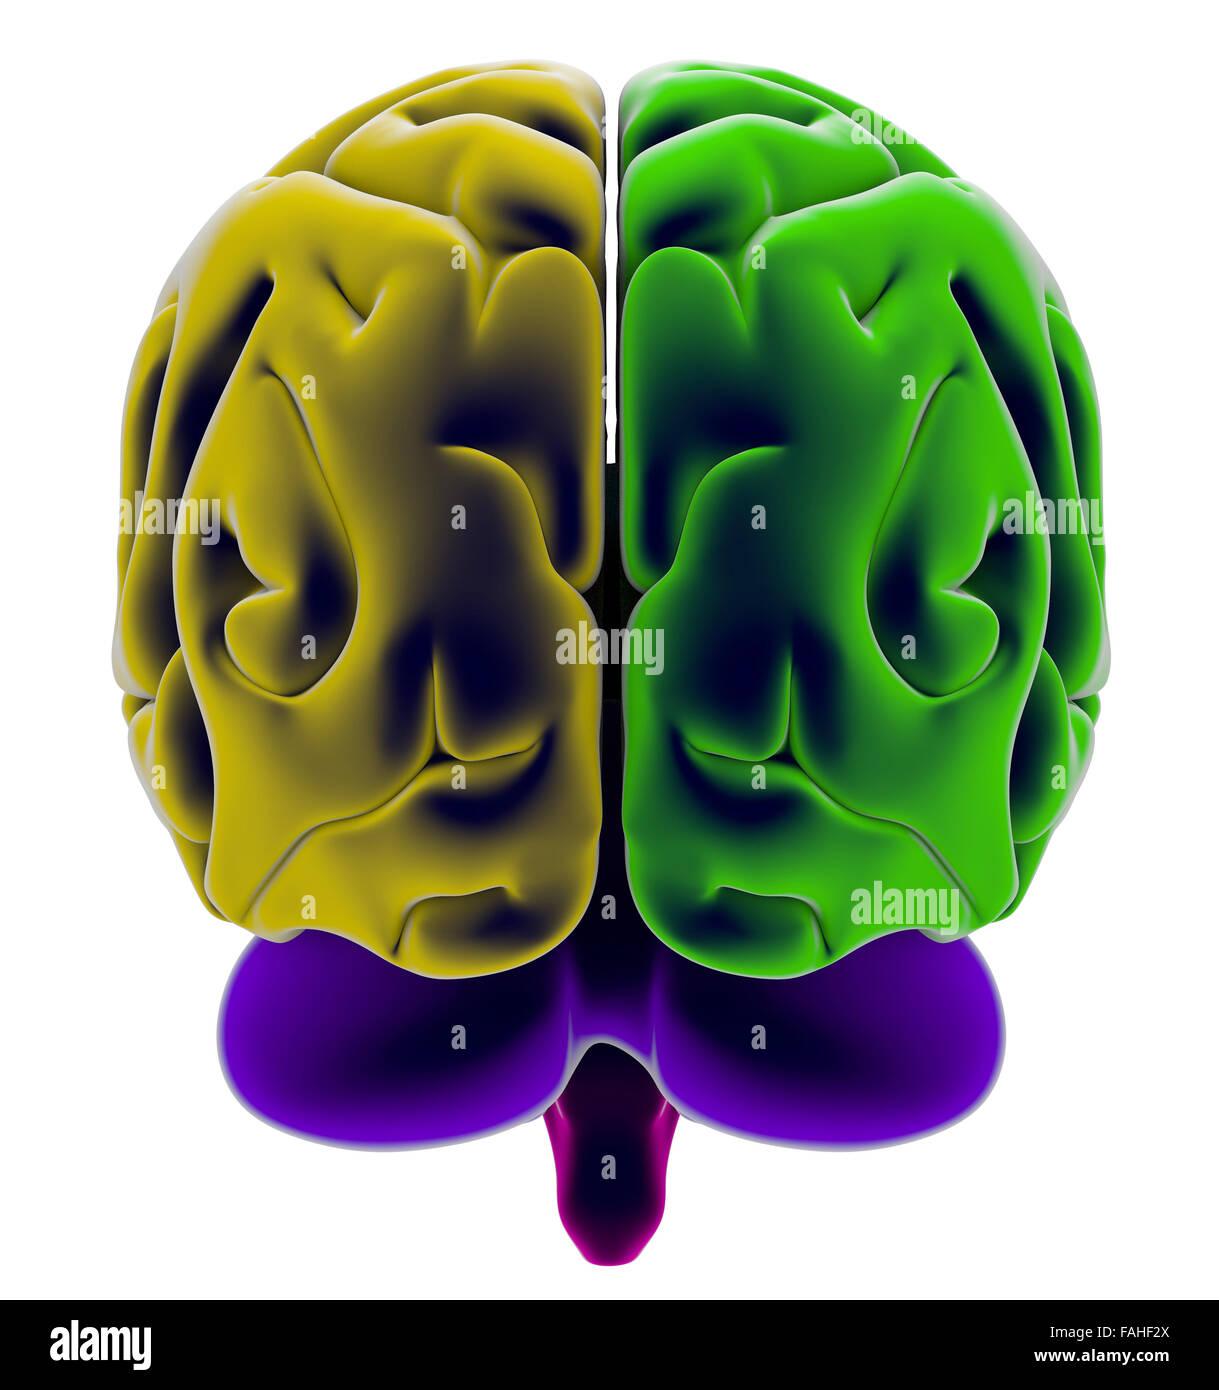 Gehirn, Abschnitt, Abteilung, Schneidwerkzeuge, Anatomie-Studie ...